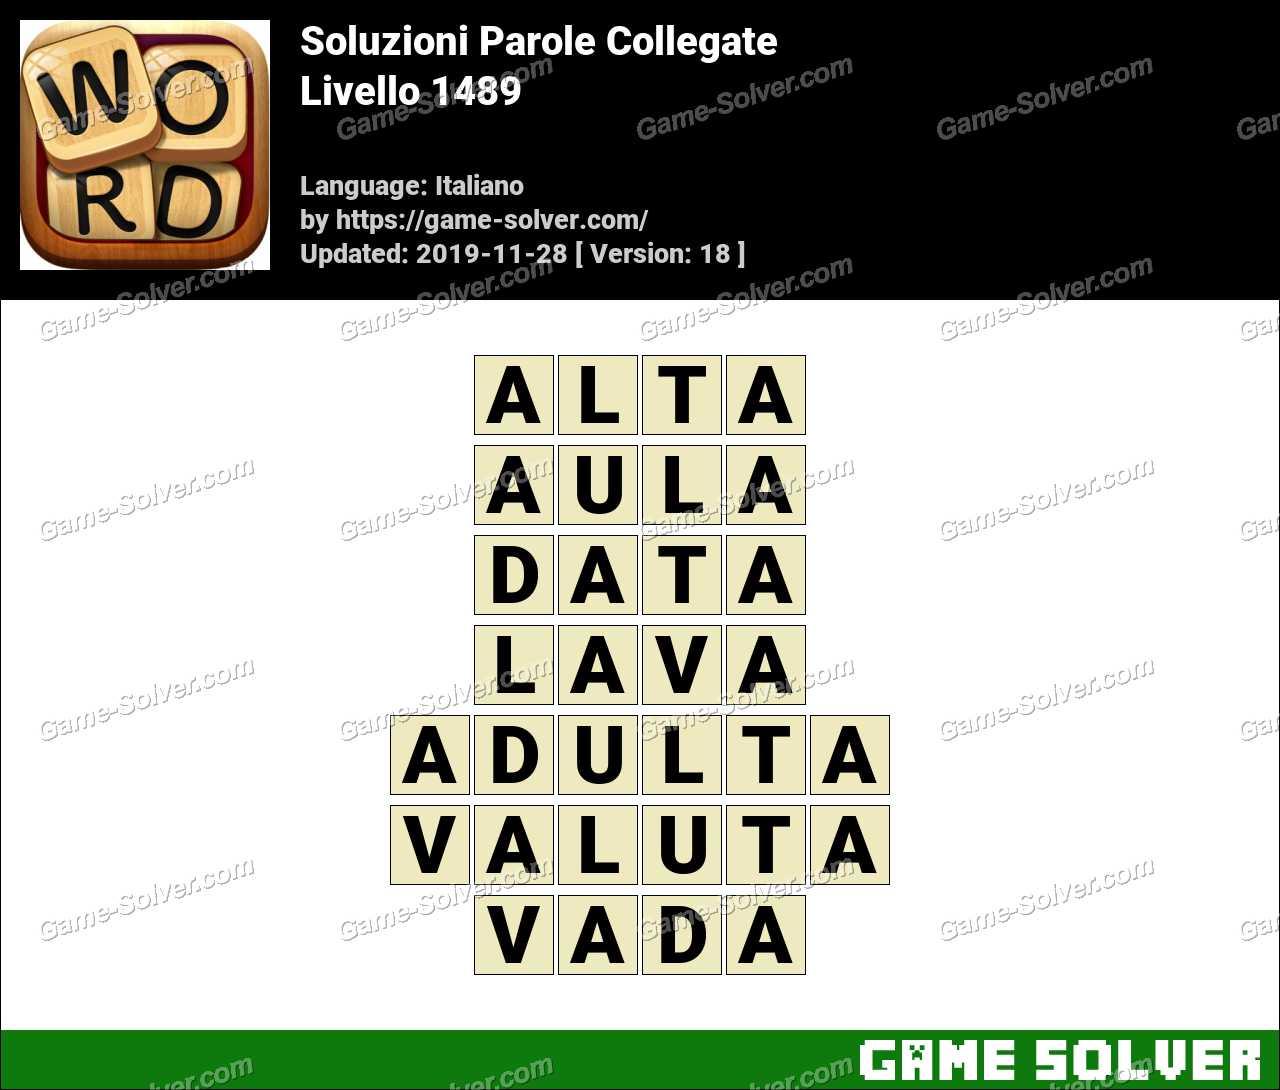 Soluzioni Parole Collegate Livello 1489